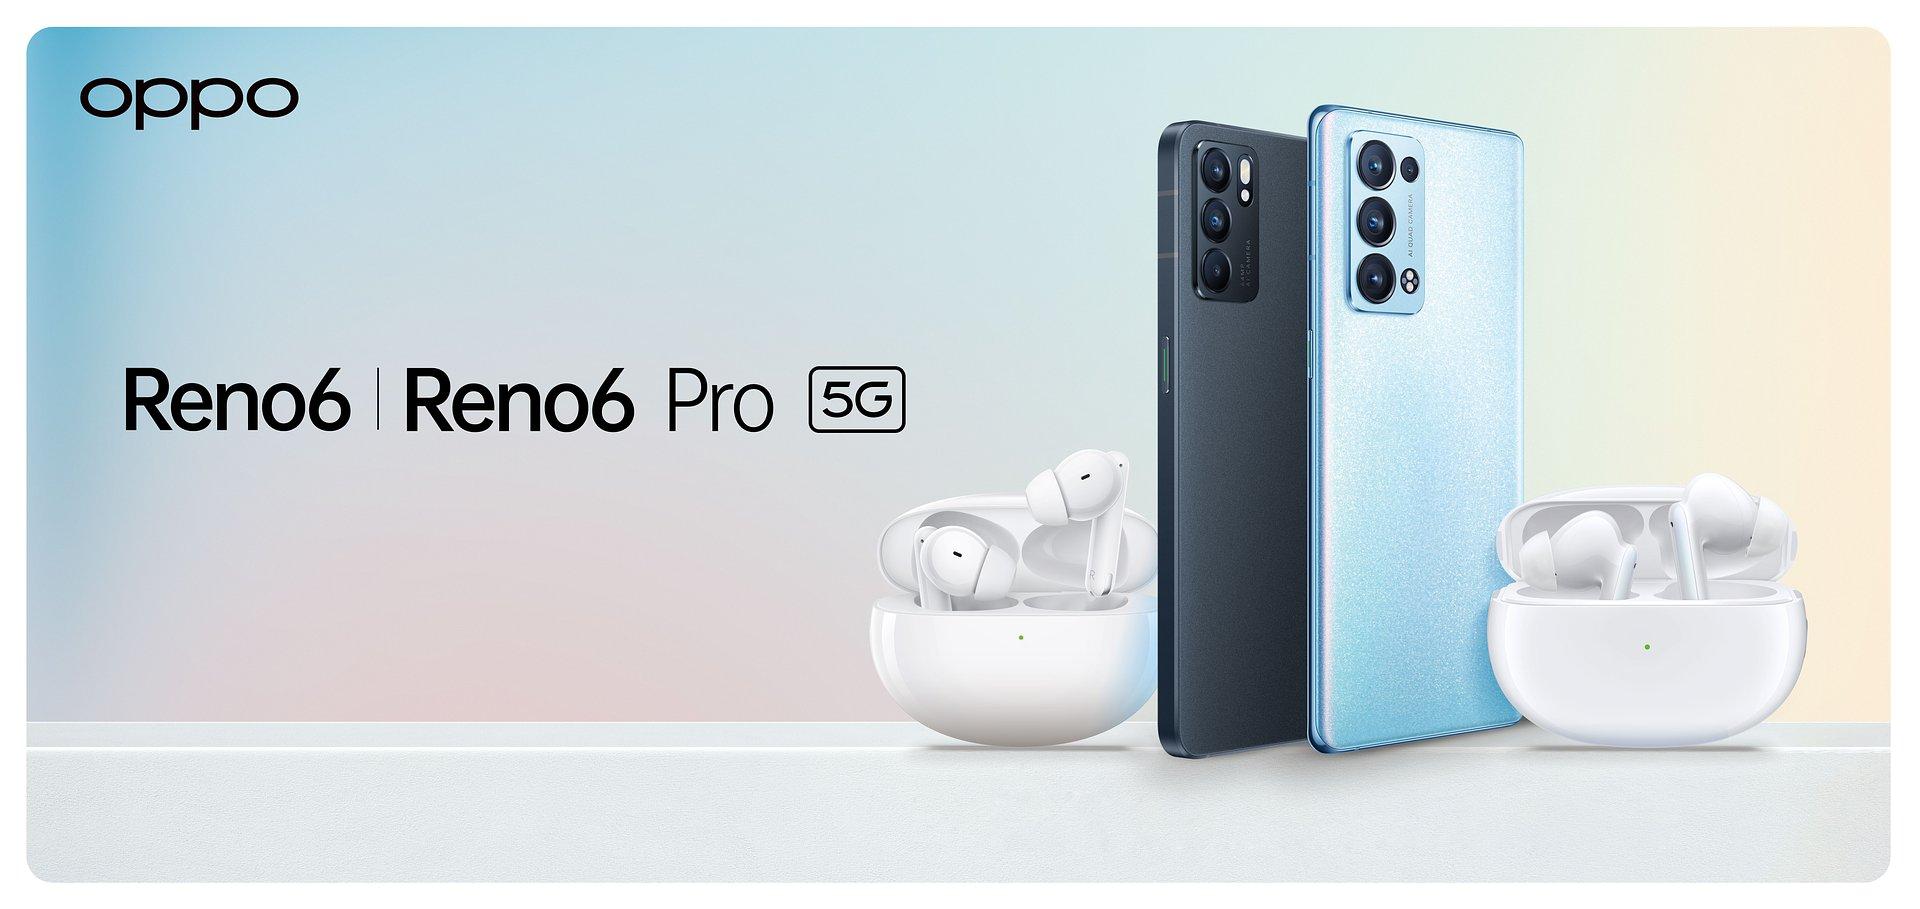 Wyjątkowa jakość wideo od OPPO – poznaj nową serię smartfonów OPPO Reno6!